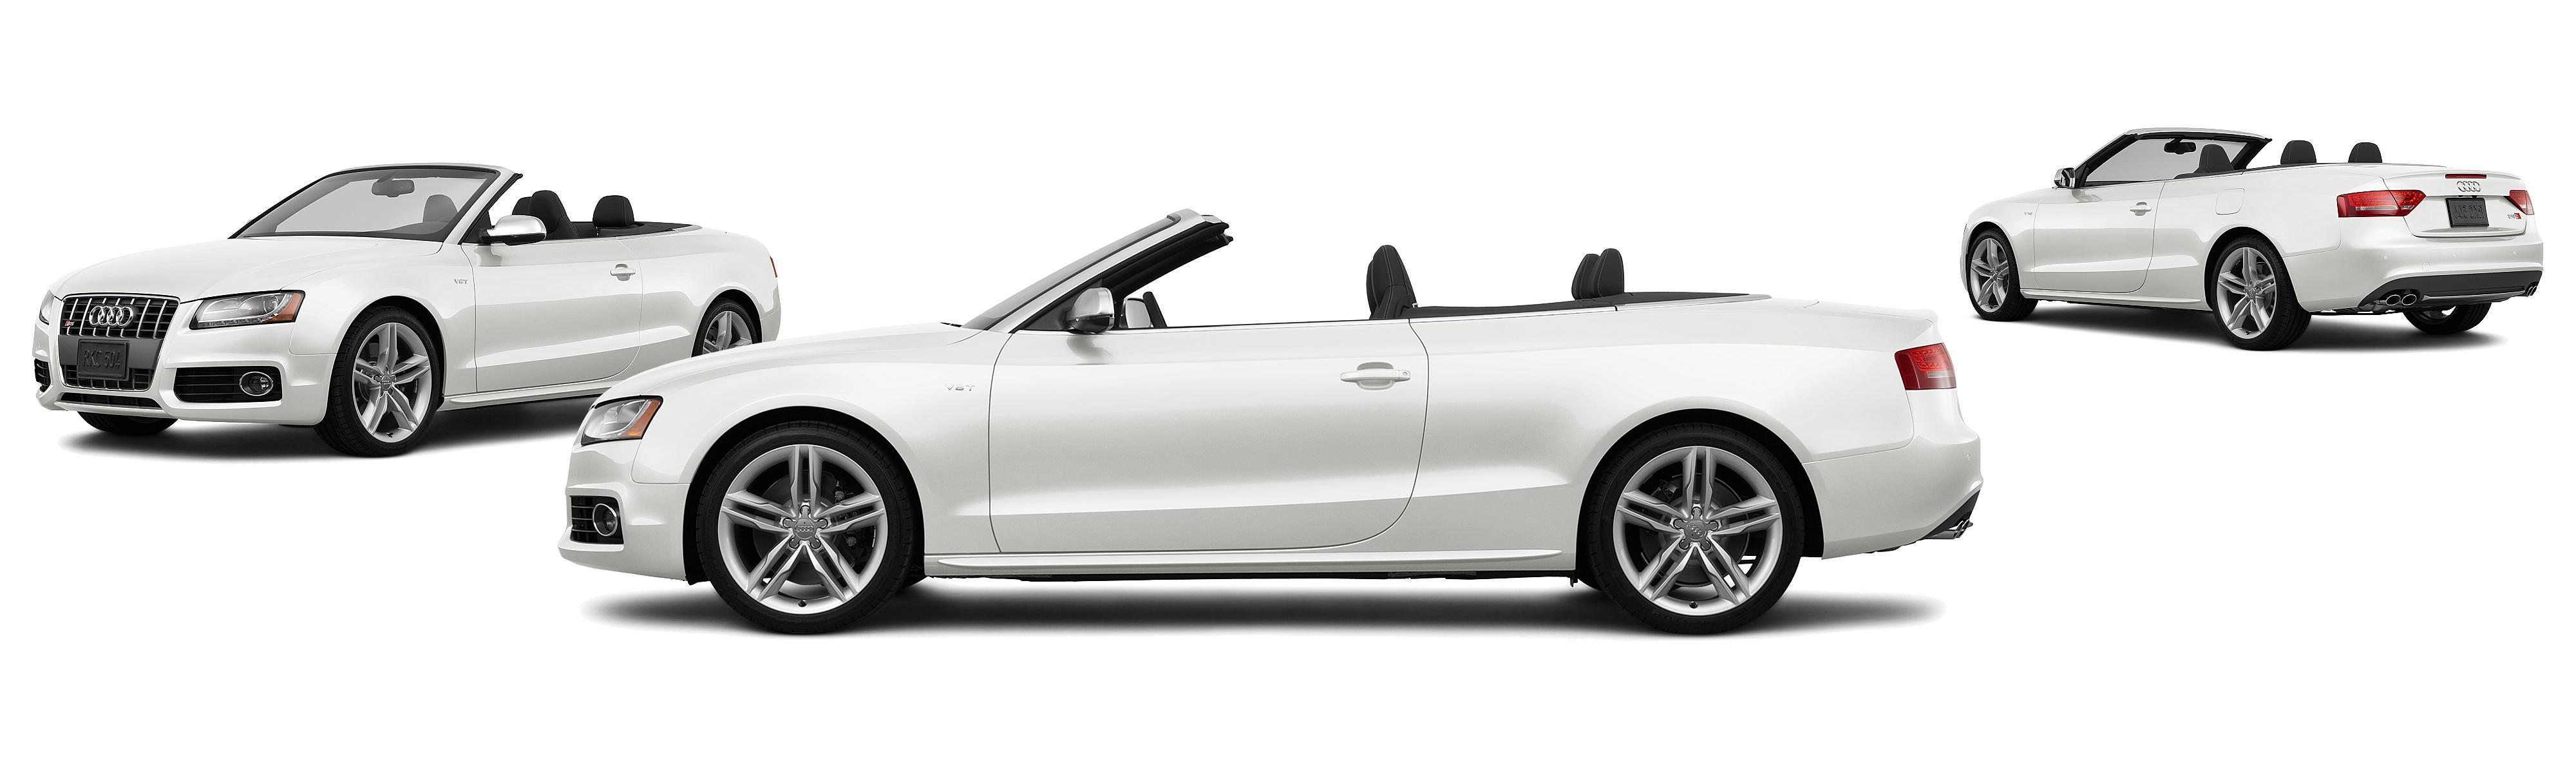 2011 Audi S5 AWD 3 0T quattro Prestige 2dr Convertible Research